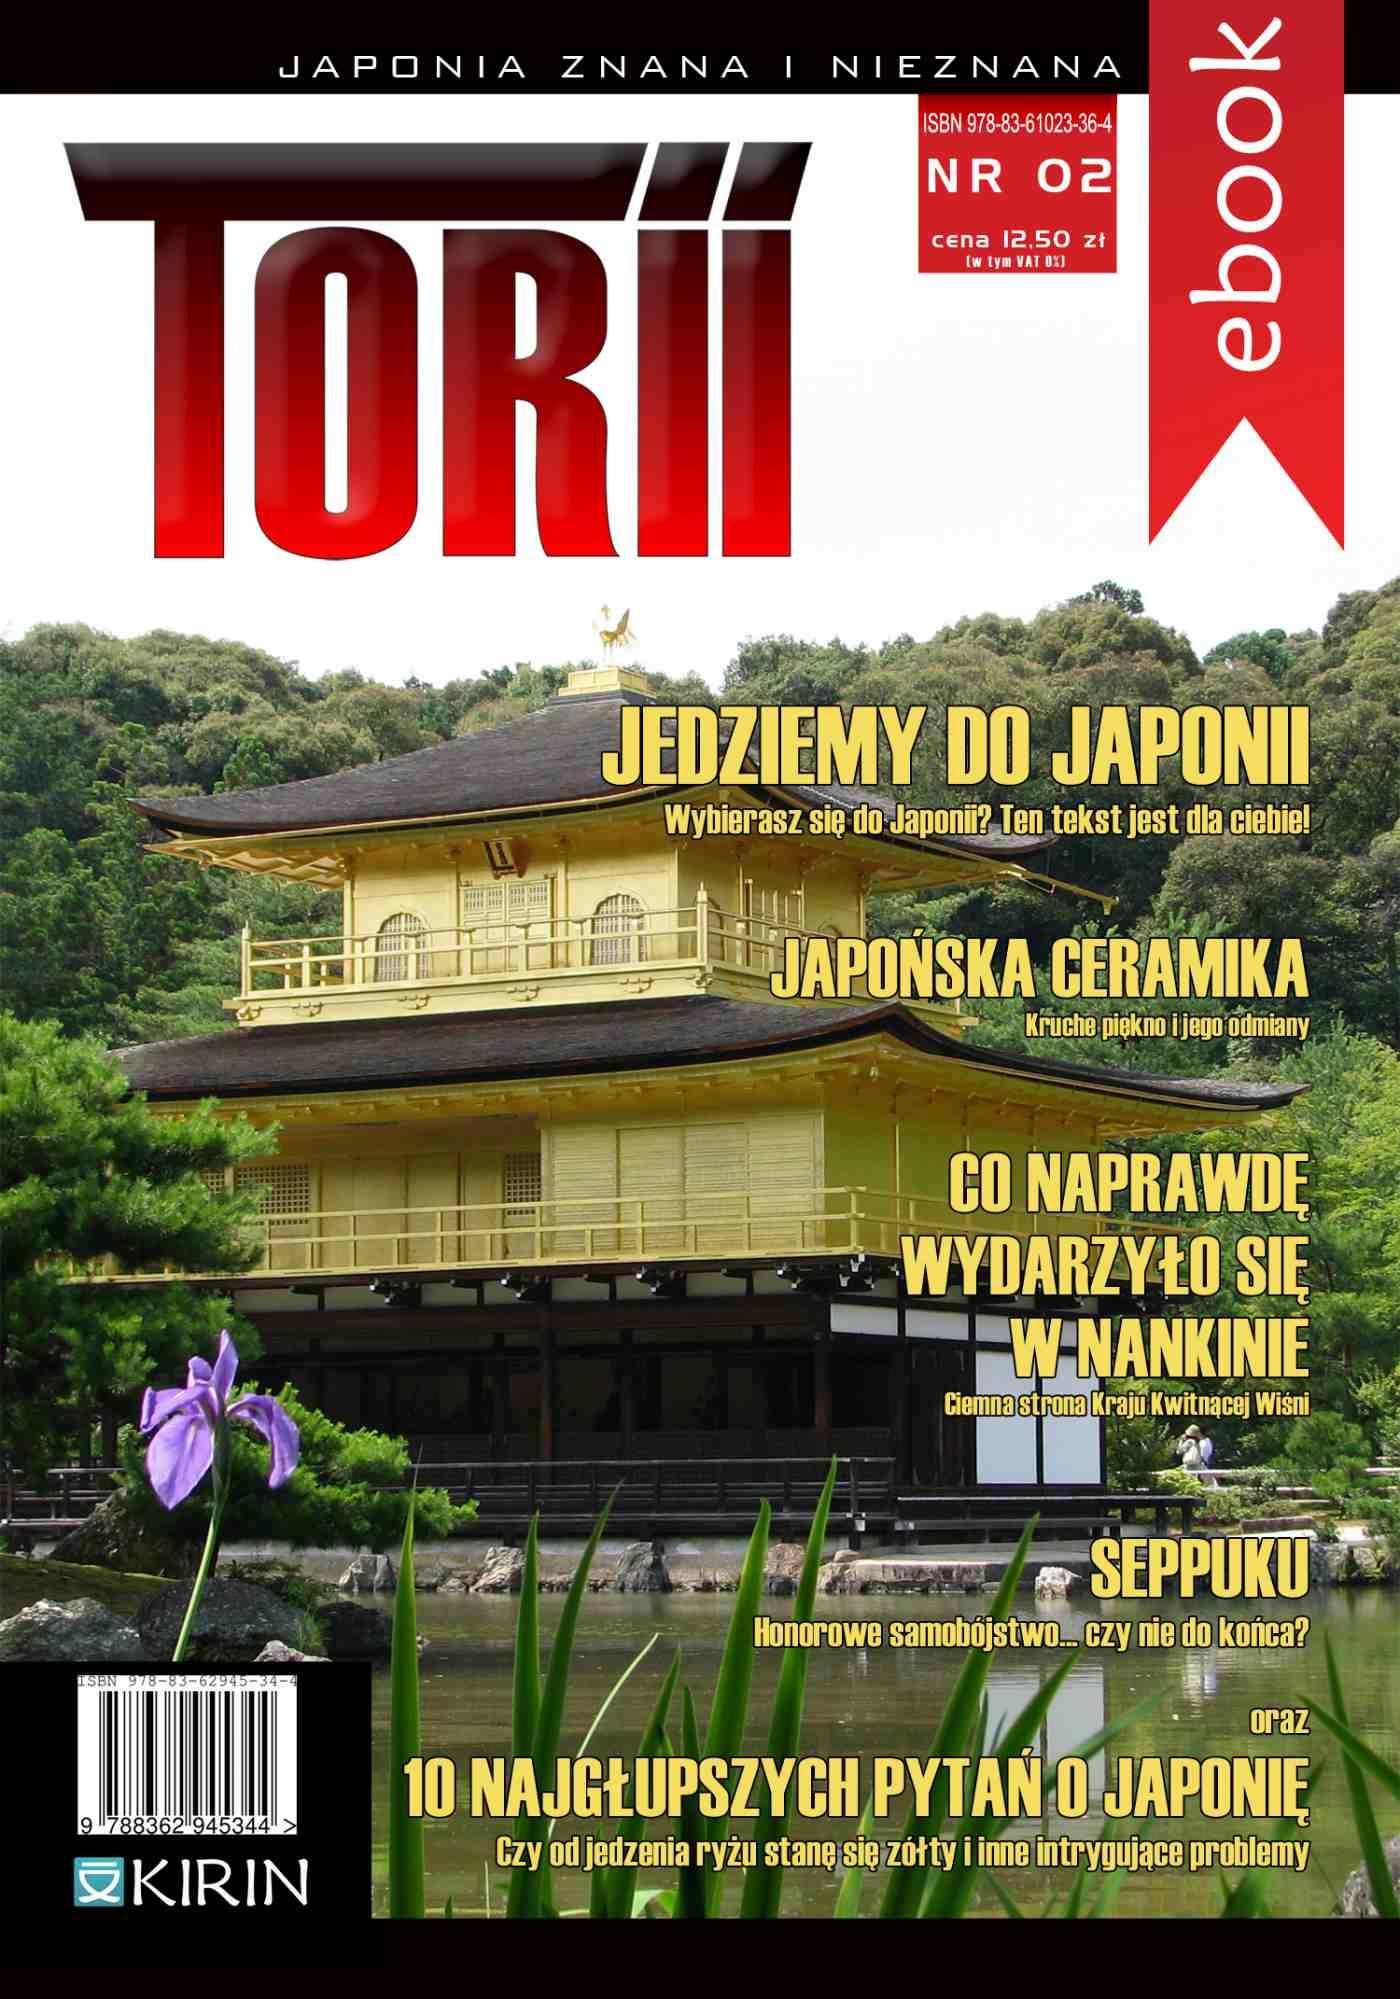 Torii. Japonia znana i nieznana #2 - Ebook (Książka EPUB) do pobrania w formacie EPUB